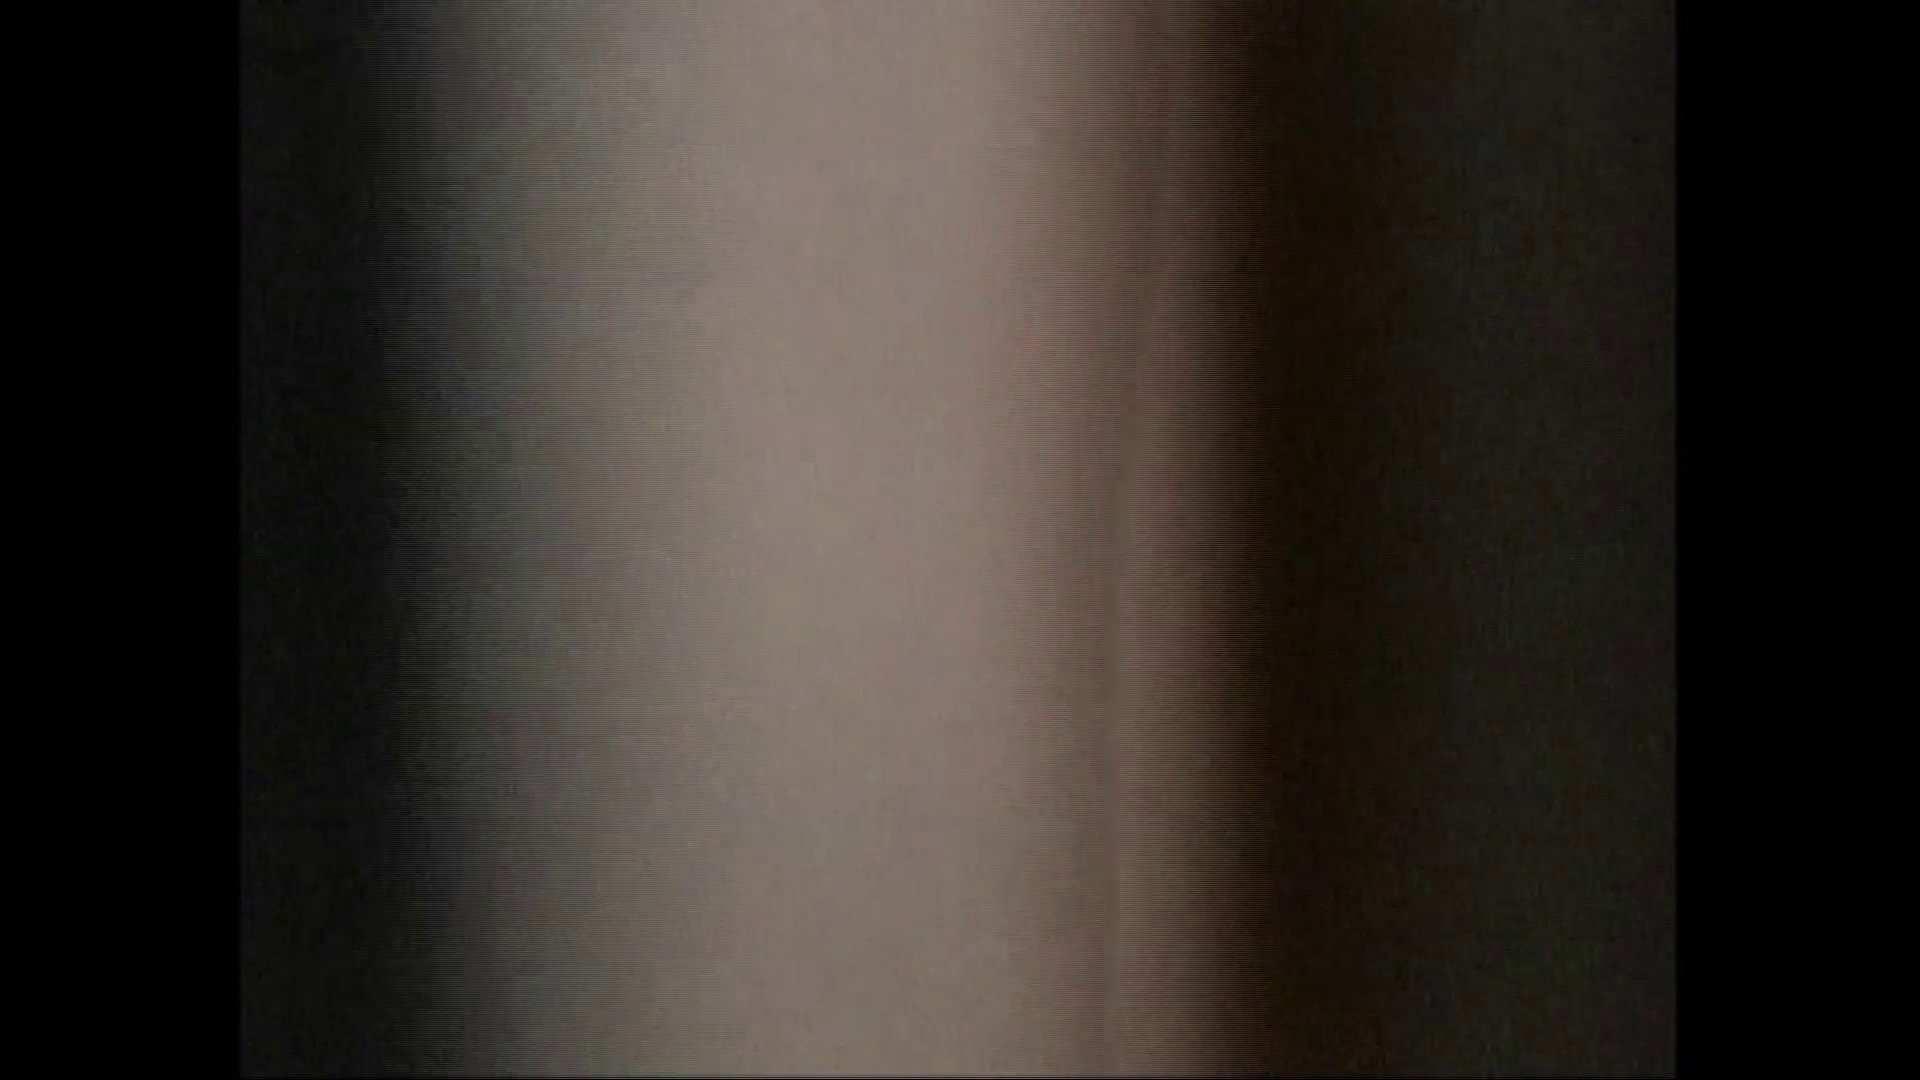 隙間からノゾク風呂 Vol.29 股をグイッとひらいて・・・。 OL   入浴シーン  89連発 13